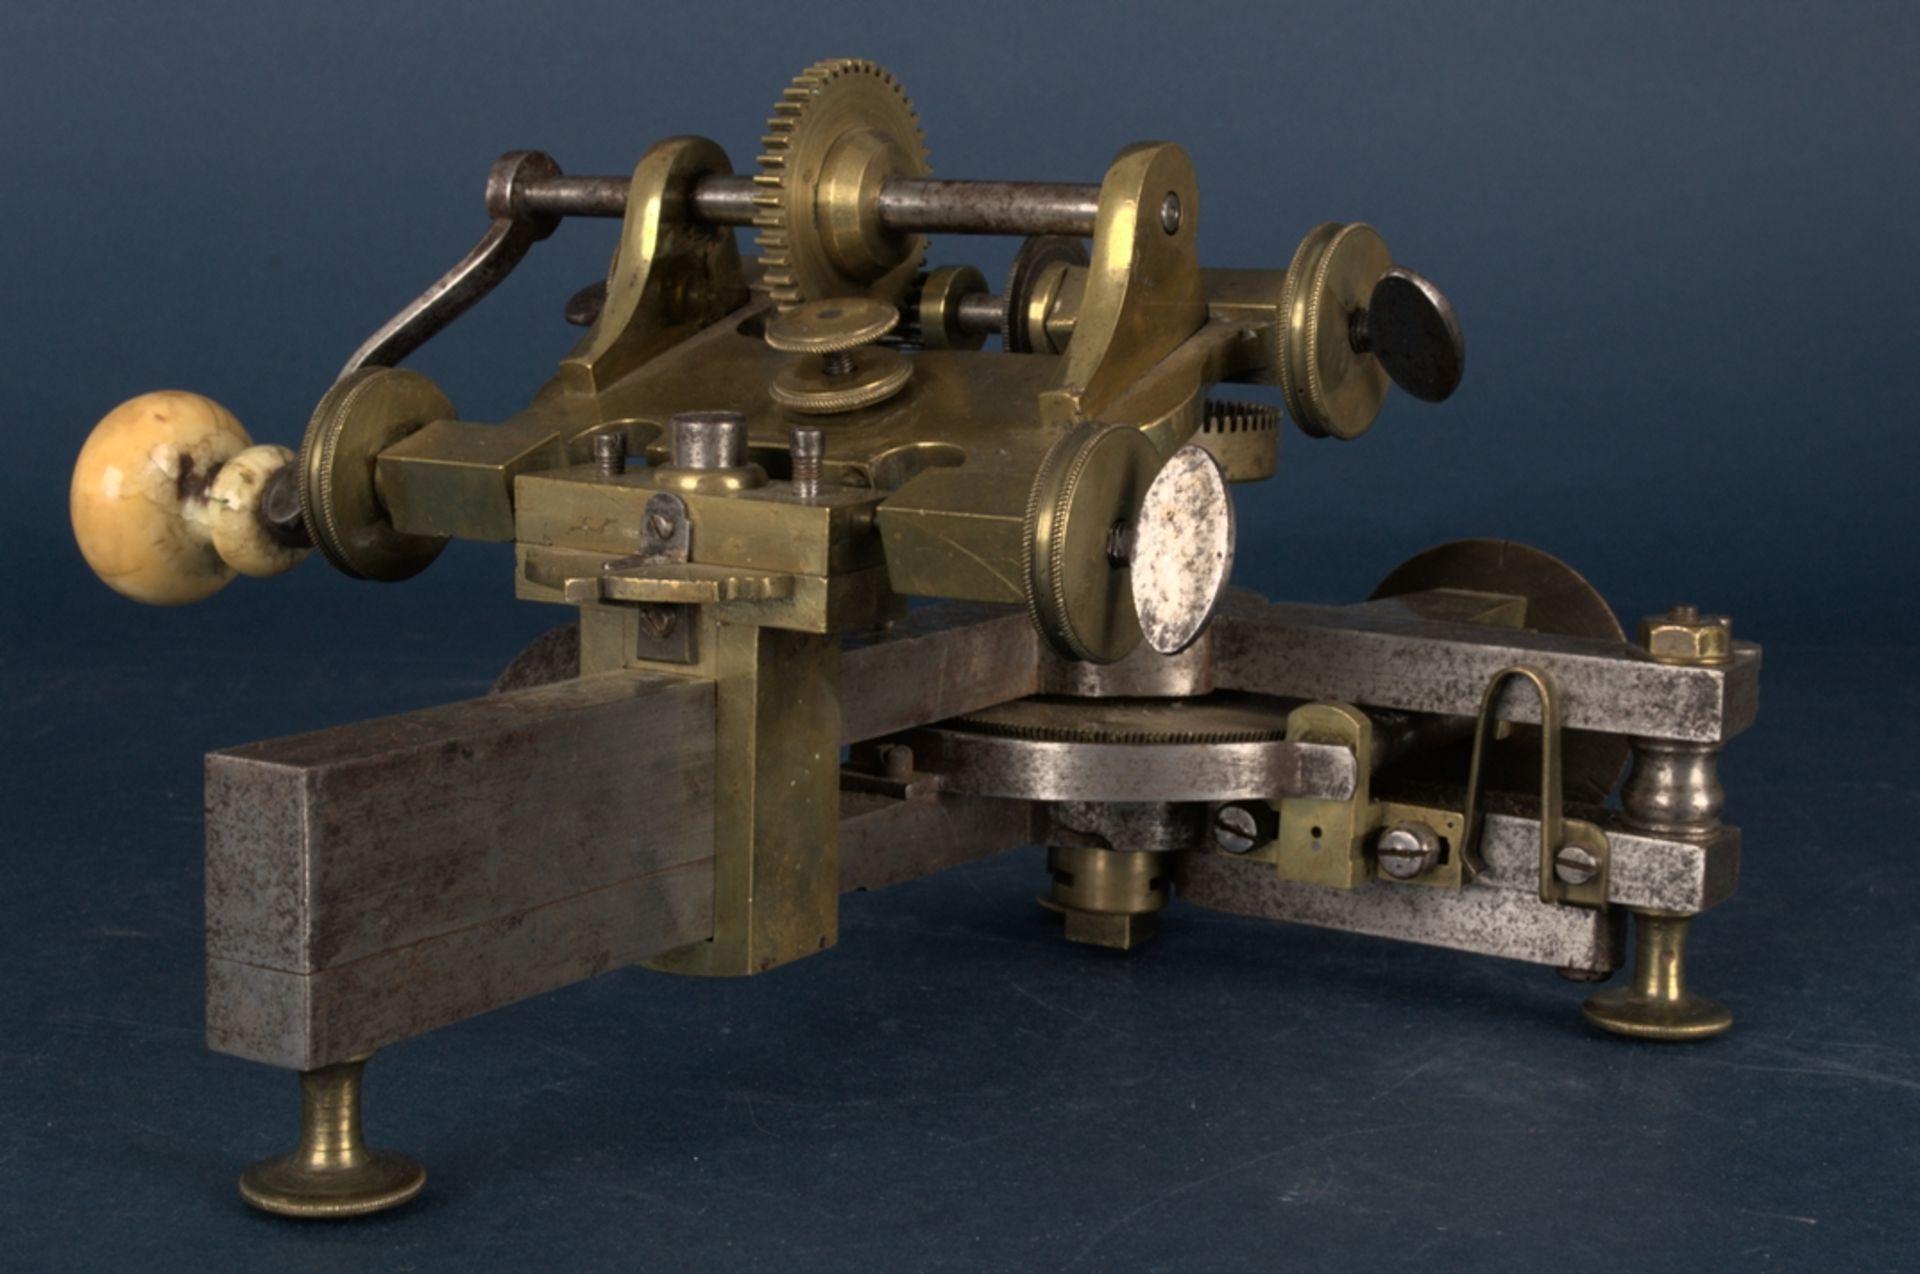 Zahnradfräsmaschine/Zahnräderschneidemaschine, frühes Uhrmacherwerkzeug, deutsch Mitte 18. Jhd., - Bild 21 aus 29